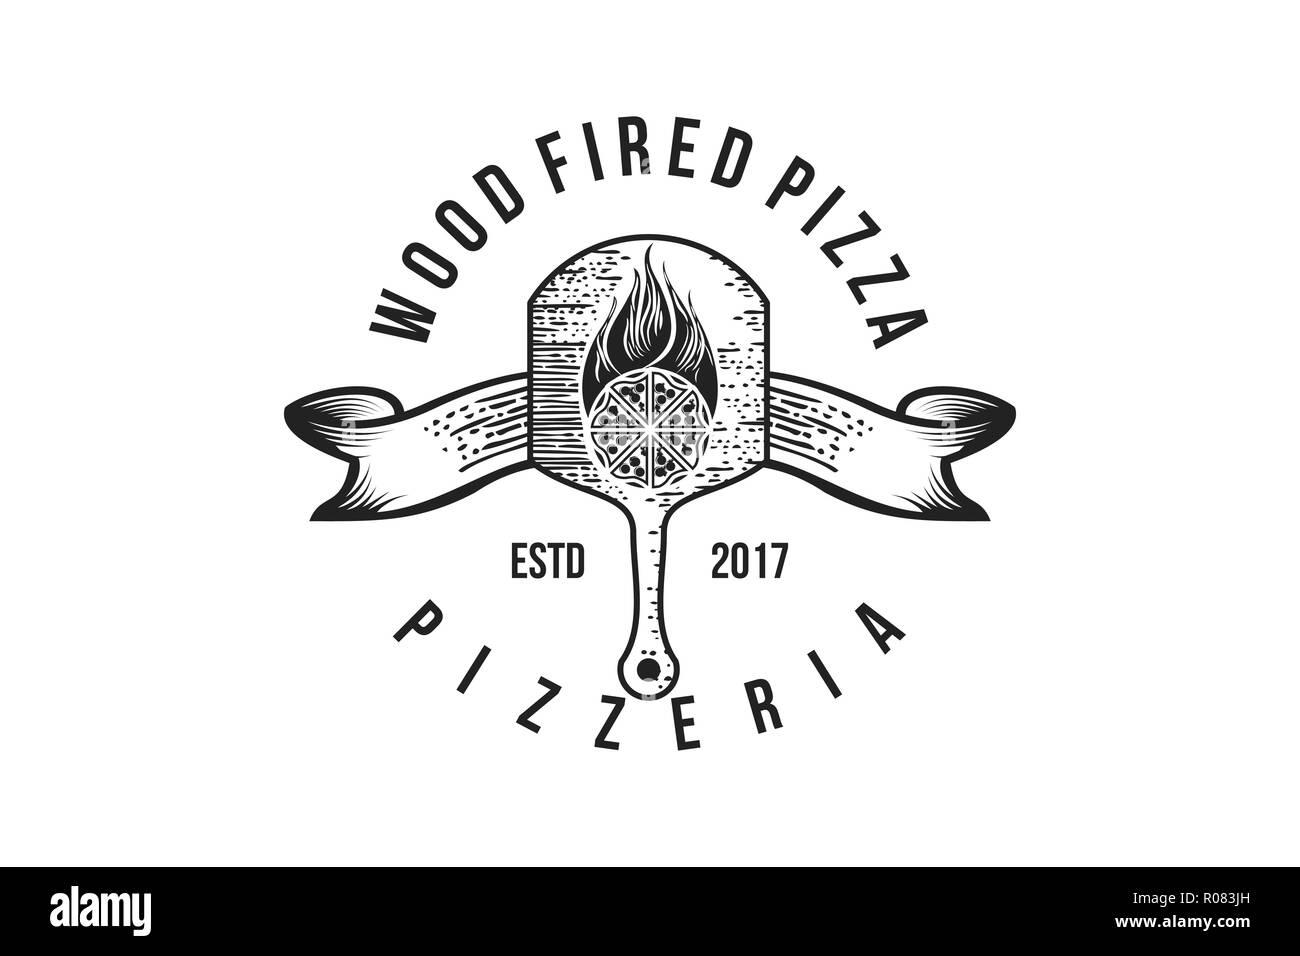 Pizza Piastra Di Legno Badge Vintage Disegni Logo Ispirazione